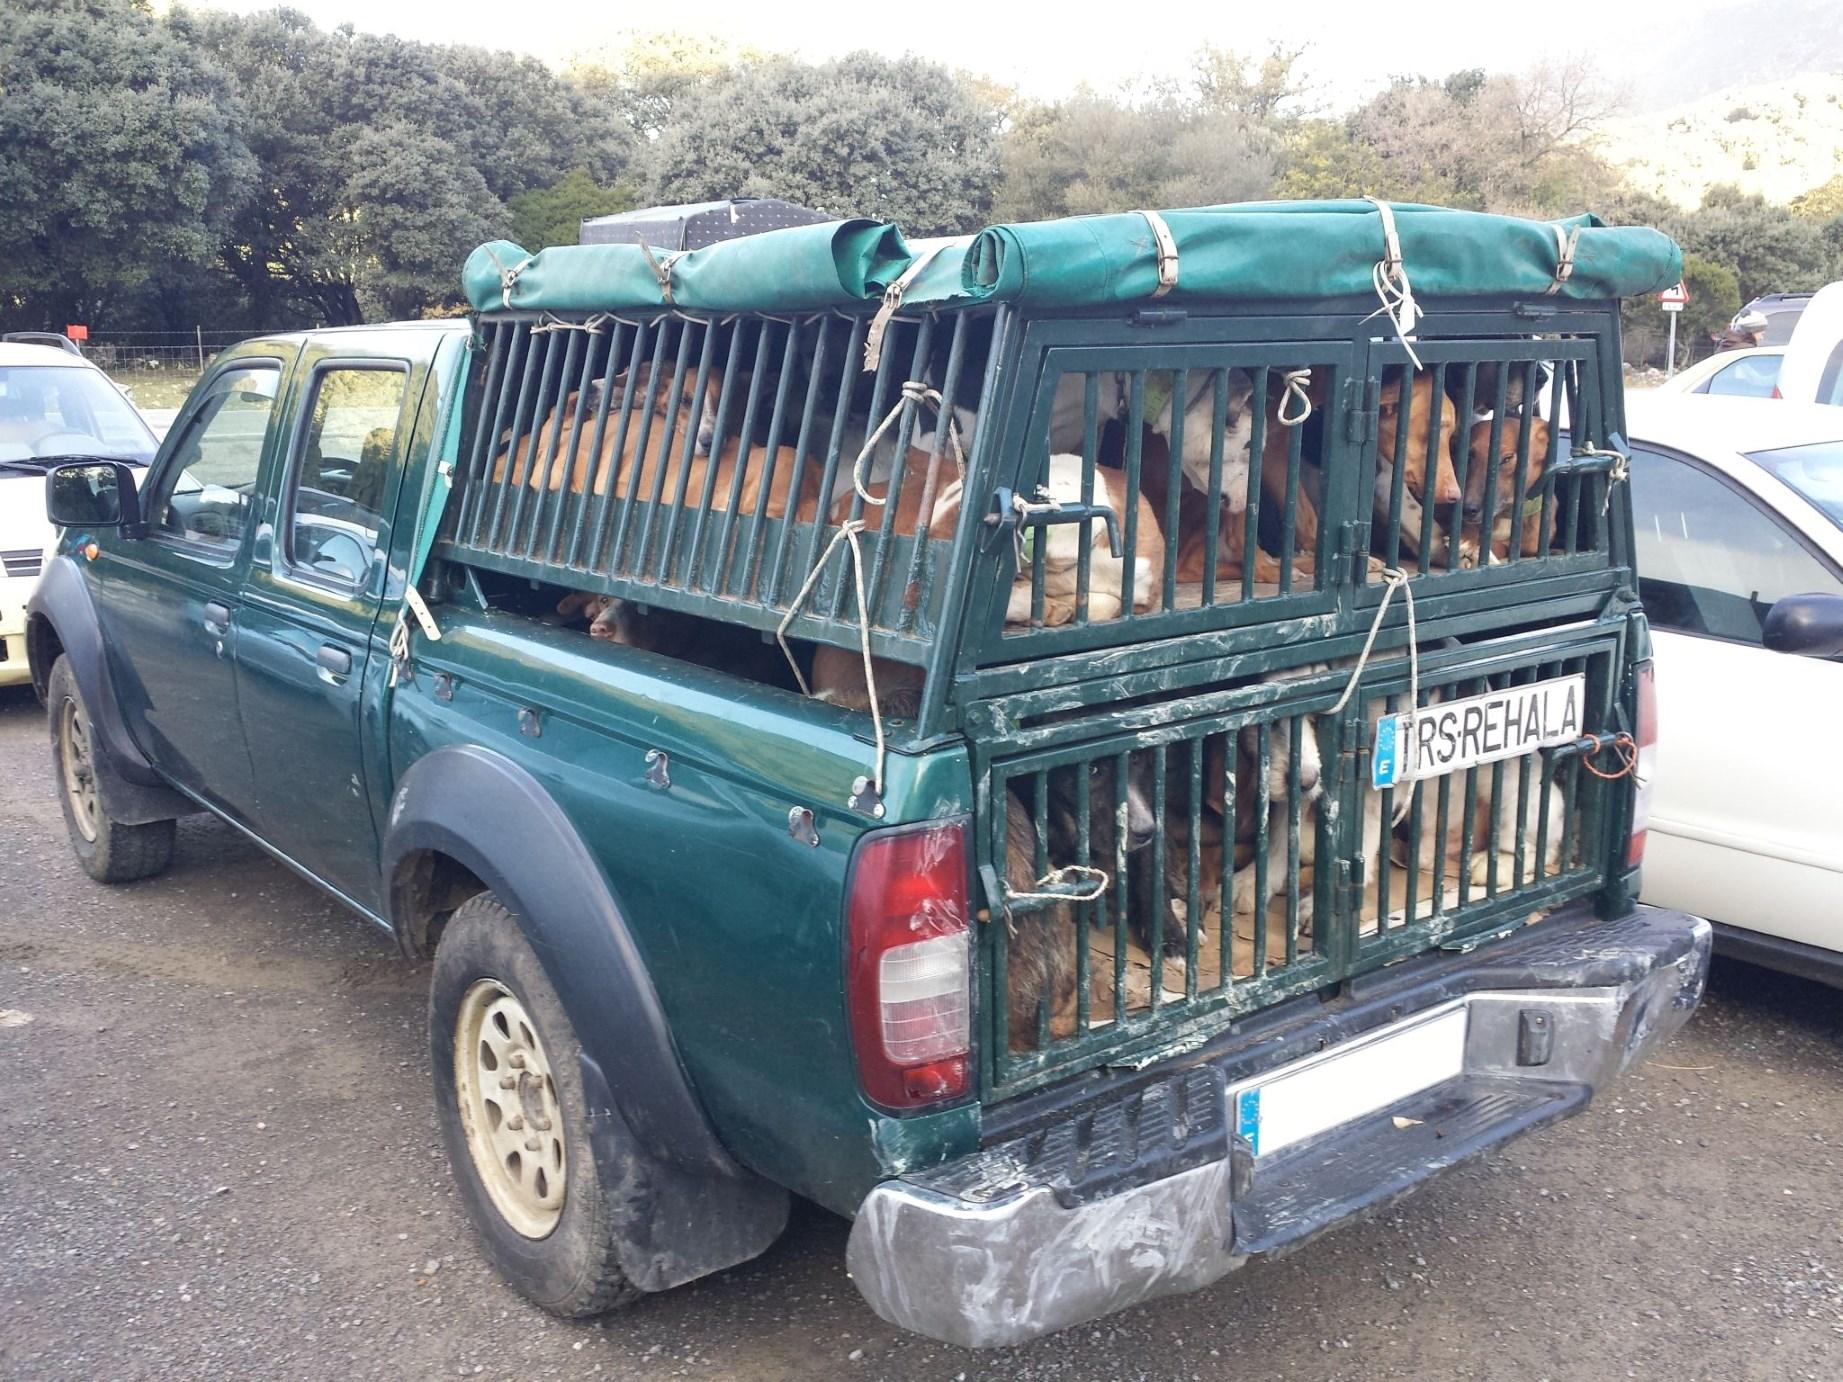 In diesem Pickup sind pro Etage etwa 12 Hunde eingesperrt. Auf Holzböden. So niedrig, dass sie nicht einmal stehen können. Eine Schande!